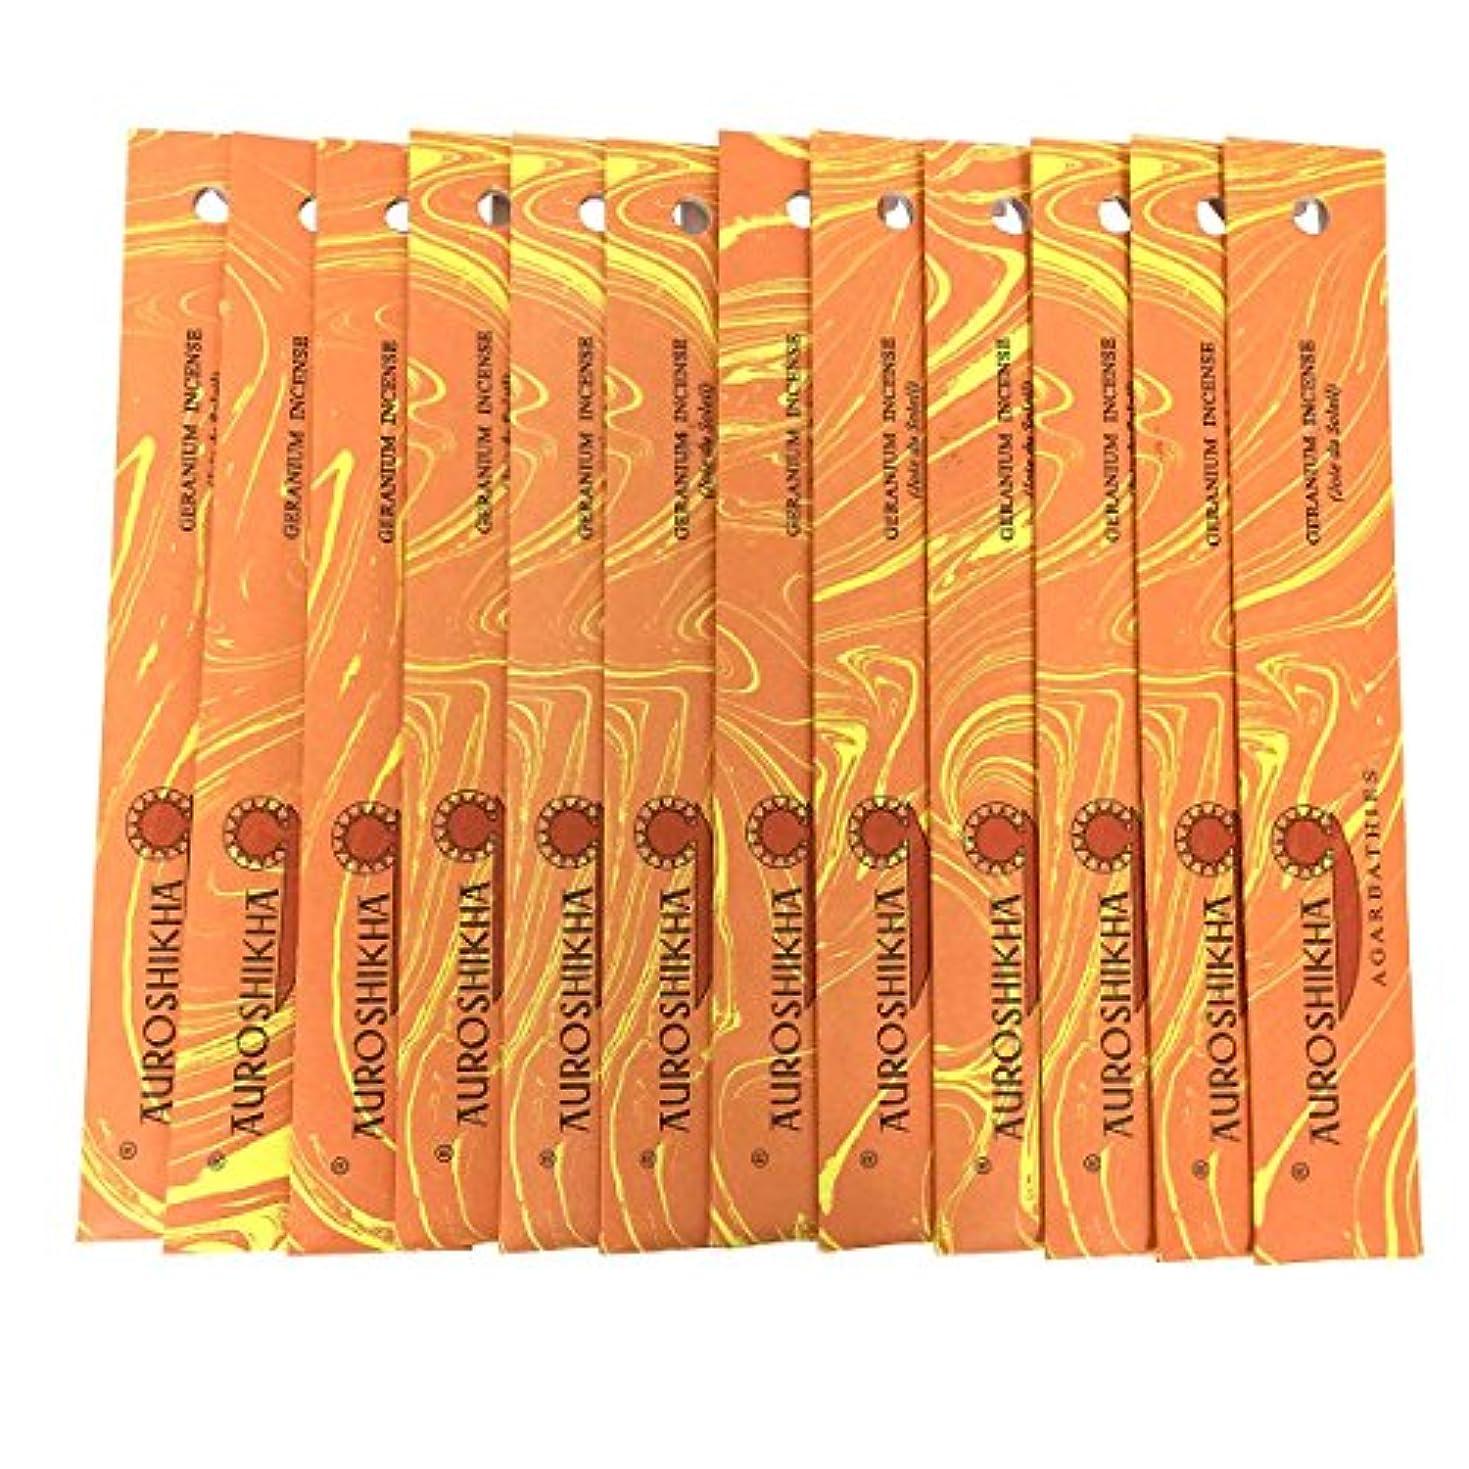 二十災難クリーナーAUROSHIKHA オウロシカ(GERANIUMゼラニウム12個セット) マーブルパッケージスティック 送料無料